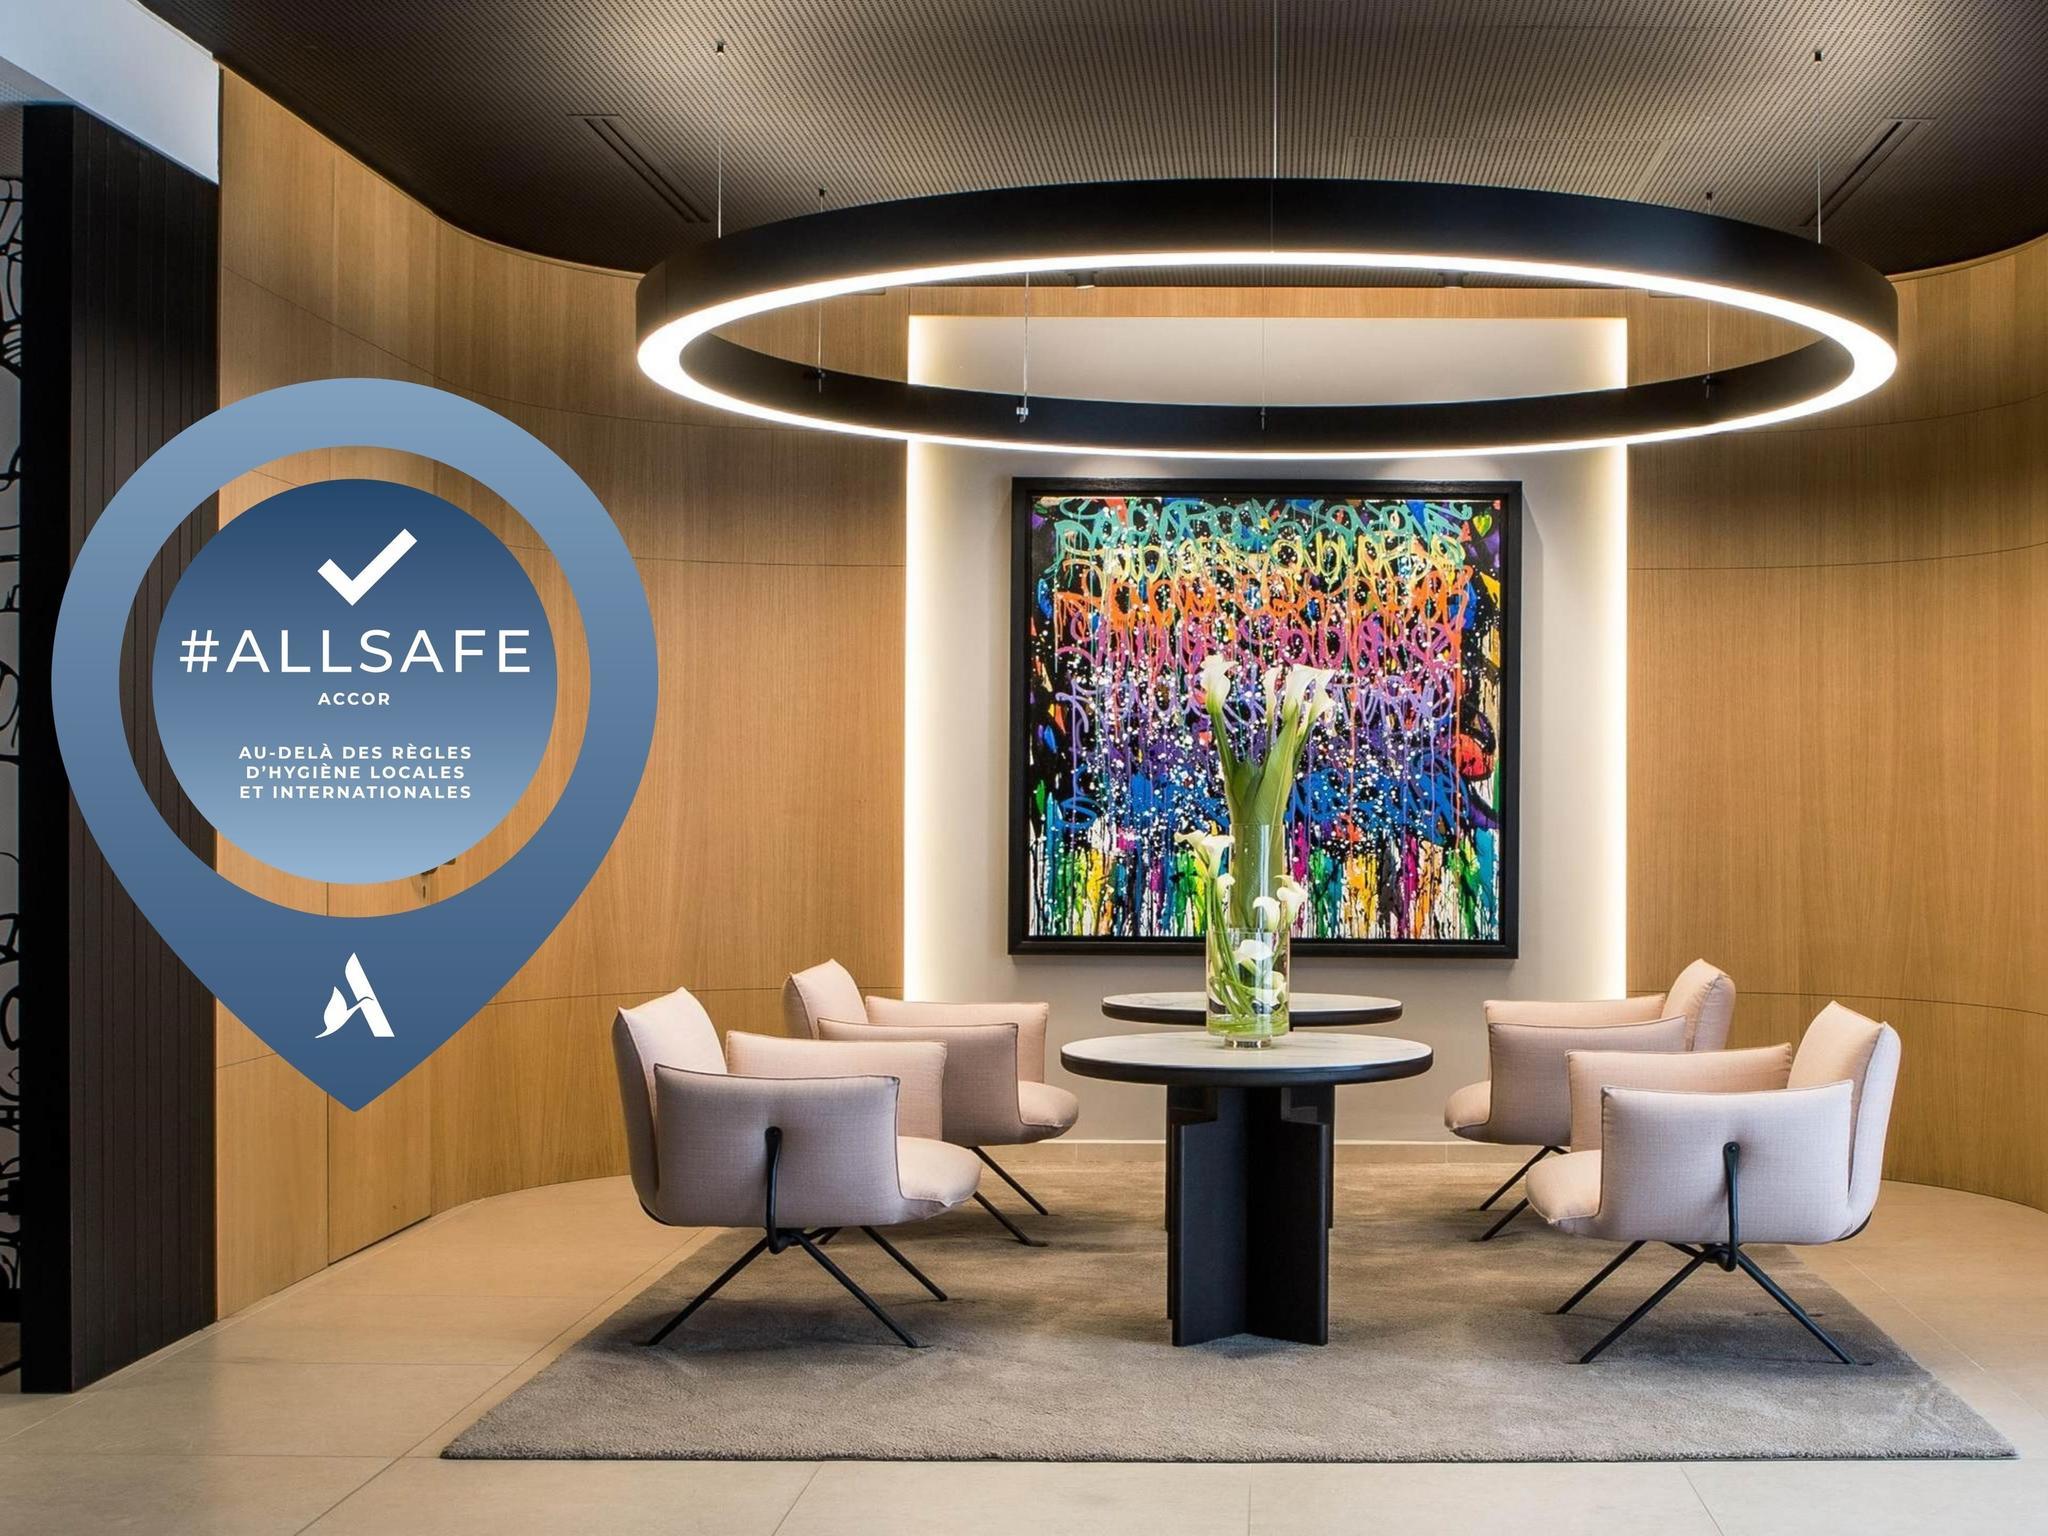 호텔 – 머큐어 파리 17 바티뇰(2018년 5월 오픈)